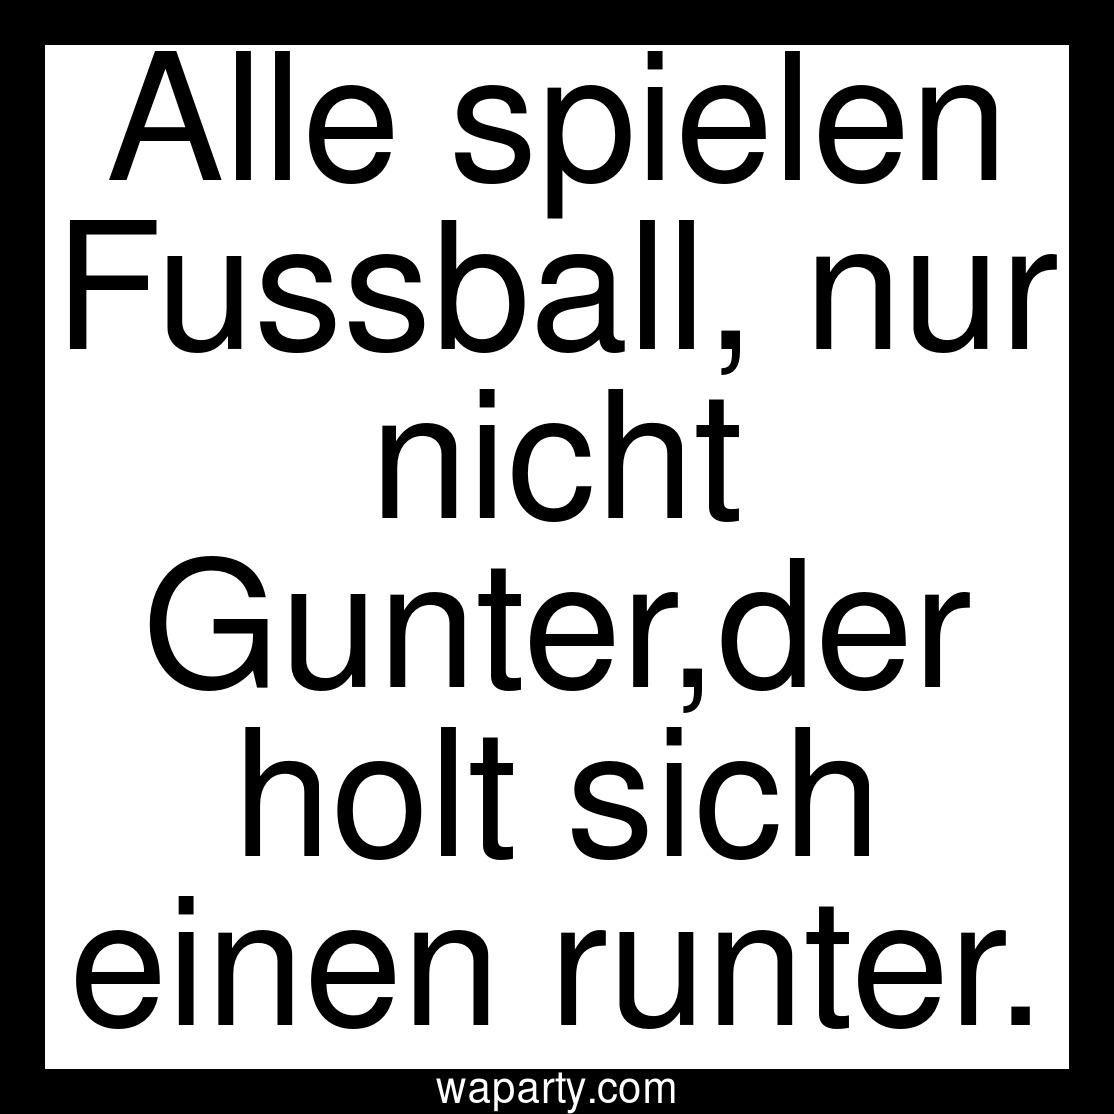 Alle spielen Fussball, nur nicht Gunter,der holt sich einen runter.